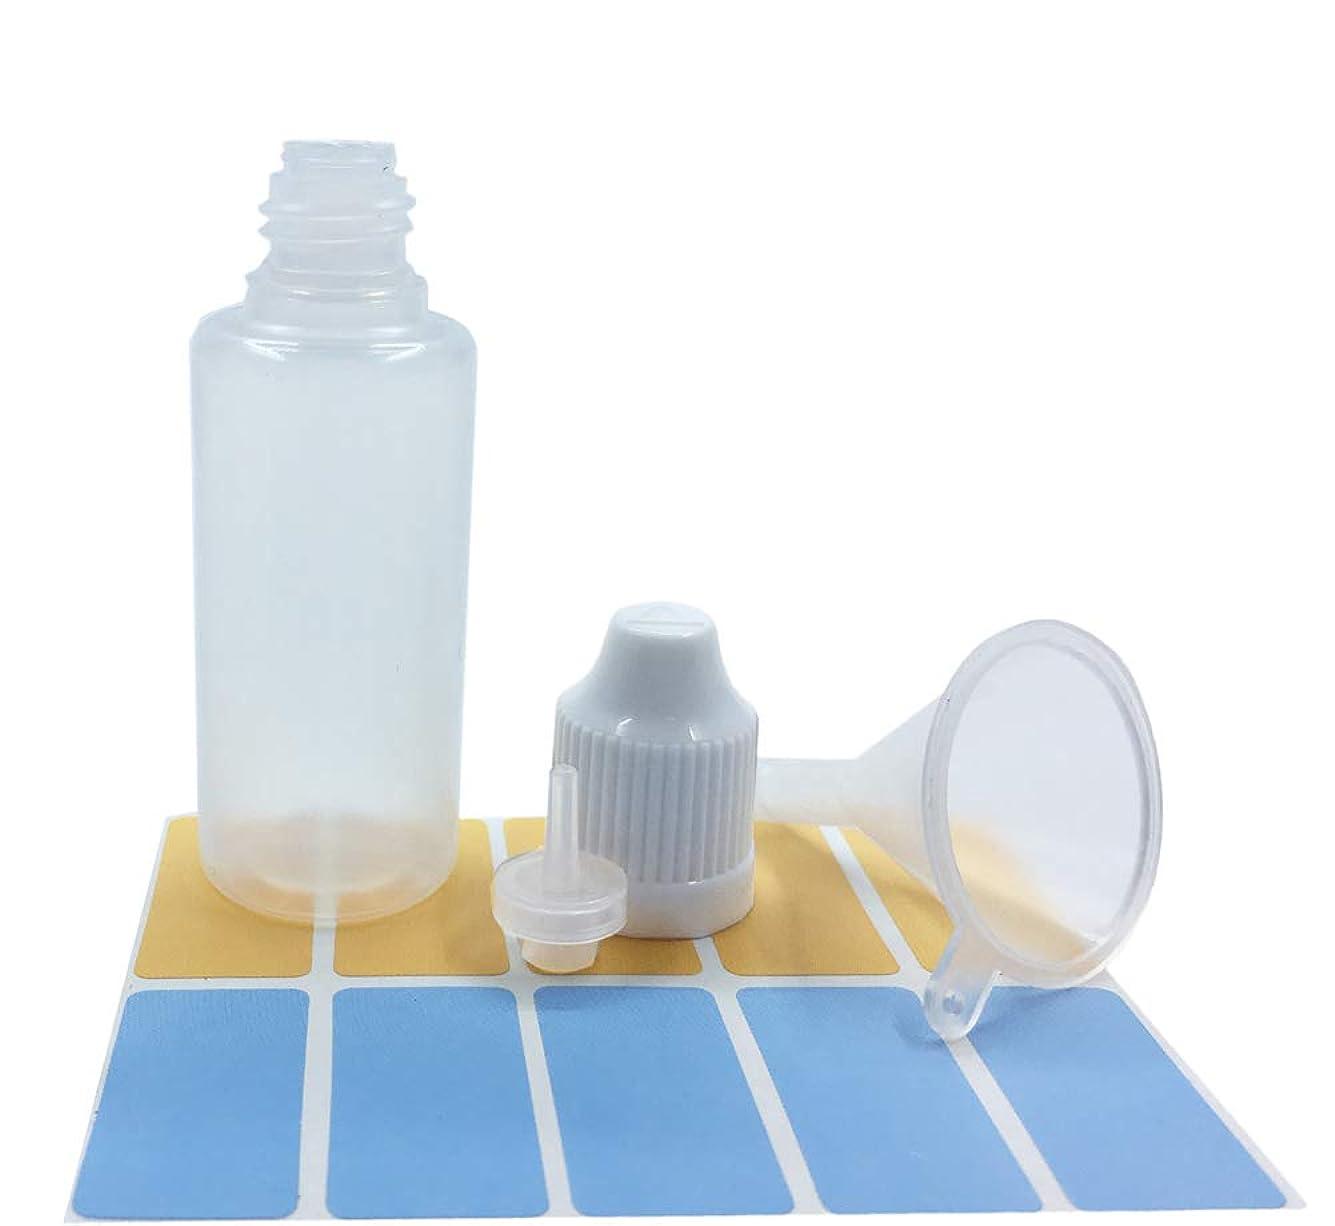 立方体私達テニス10個 20mlドロッパーボトル スポイトタイプ容器 プラスチック製 点眼 液体 貯蔵用 滴瓶 (20ml, 白色)